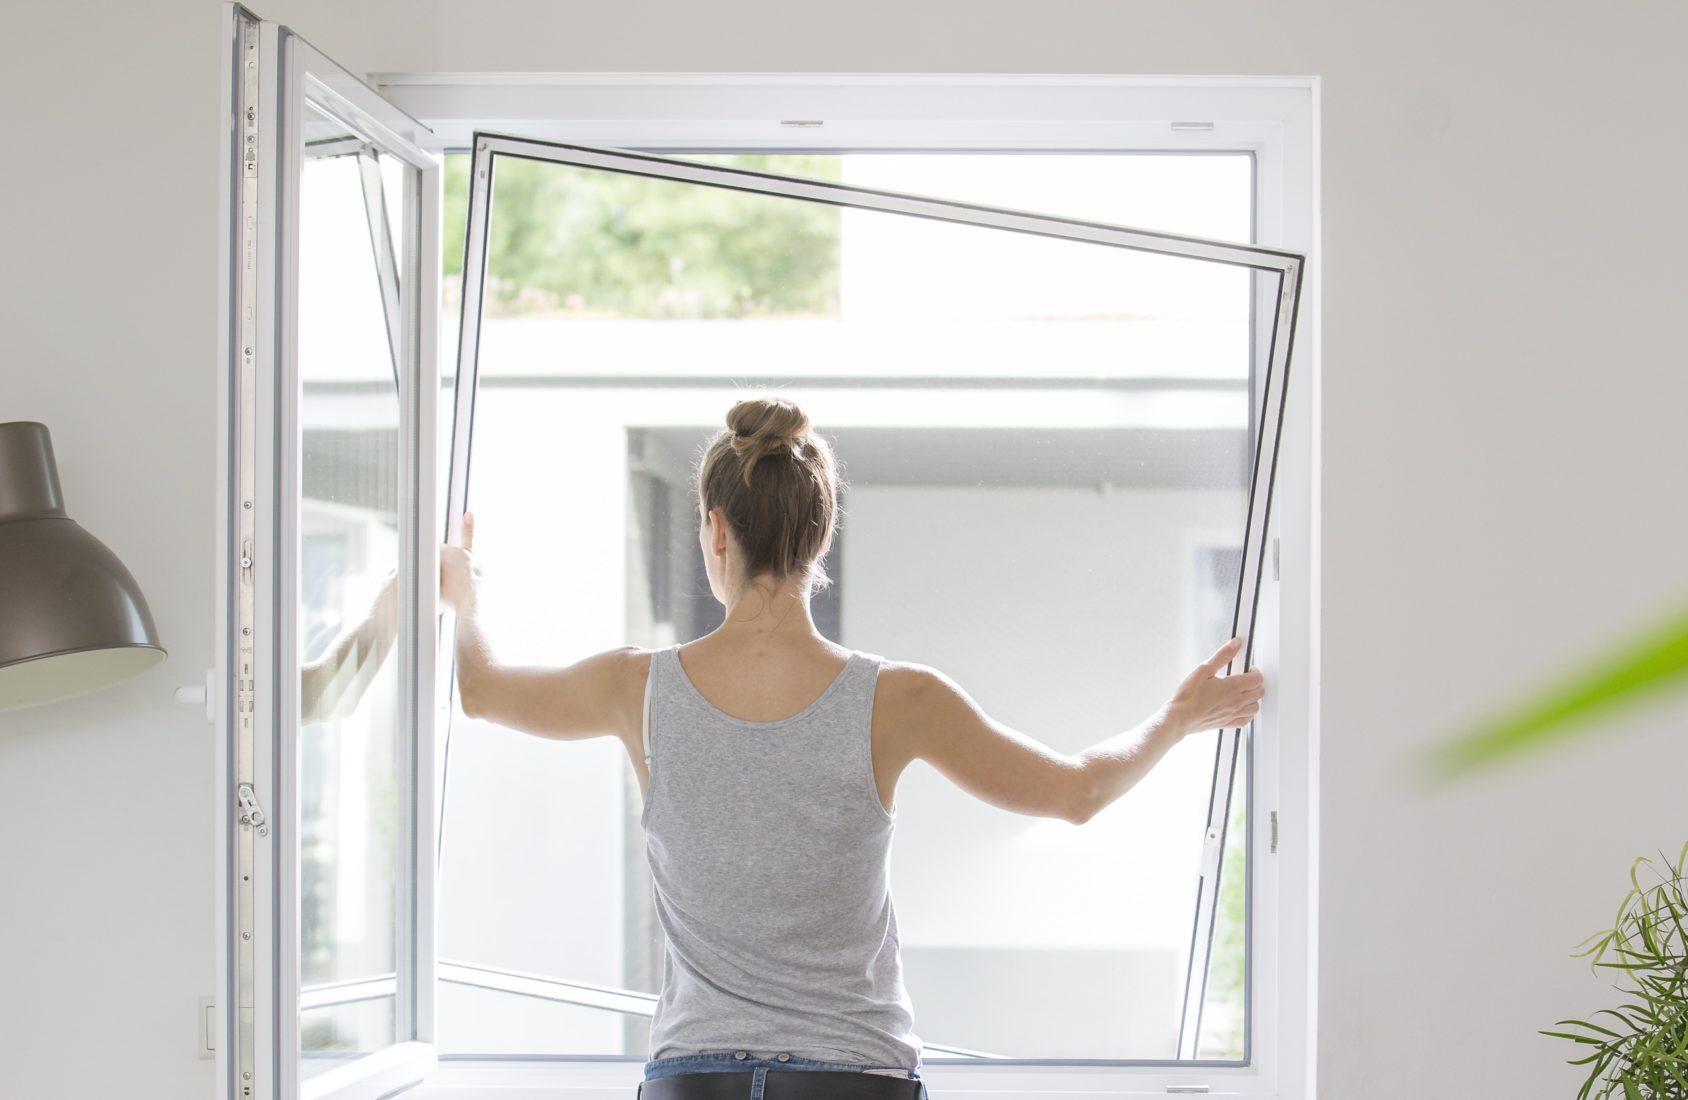 Elektrosmog-Abschirmung für Fenster - baustoffwissen